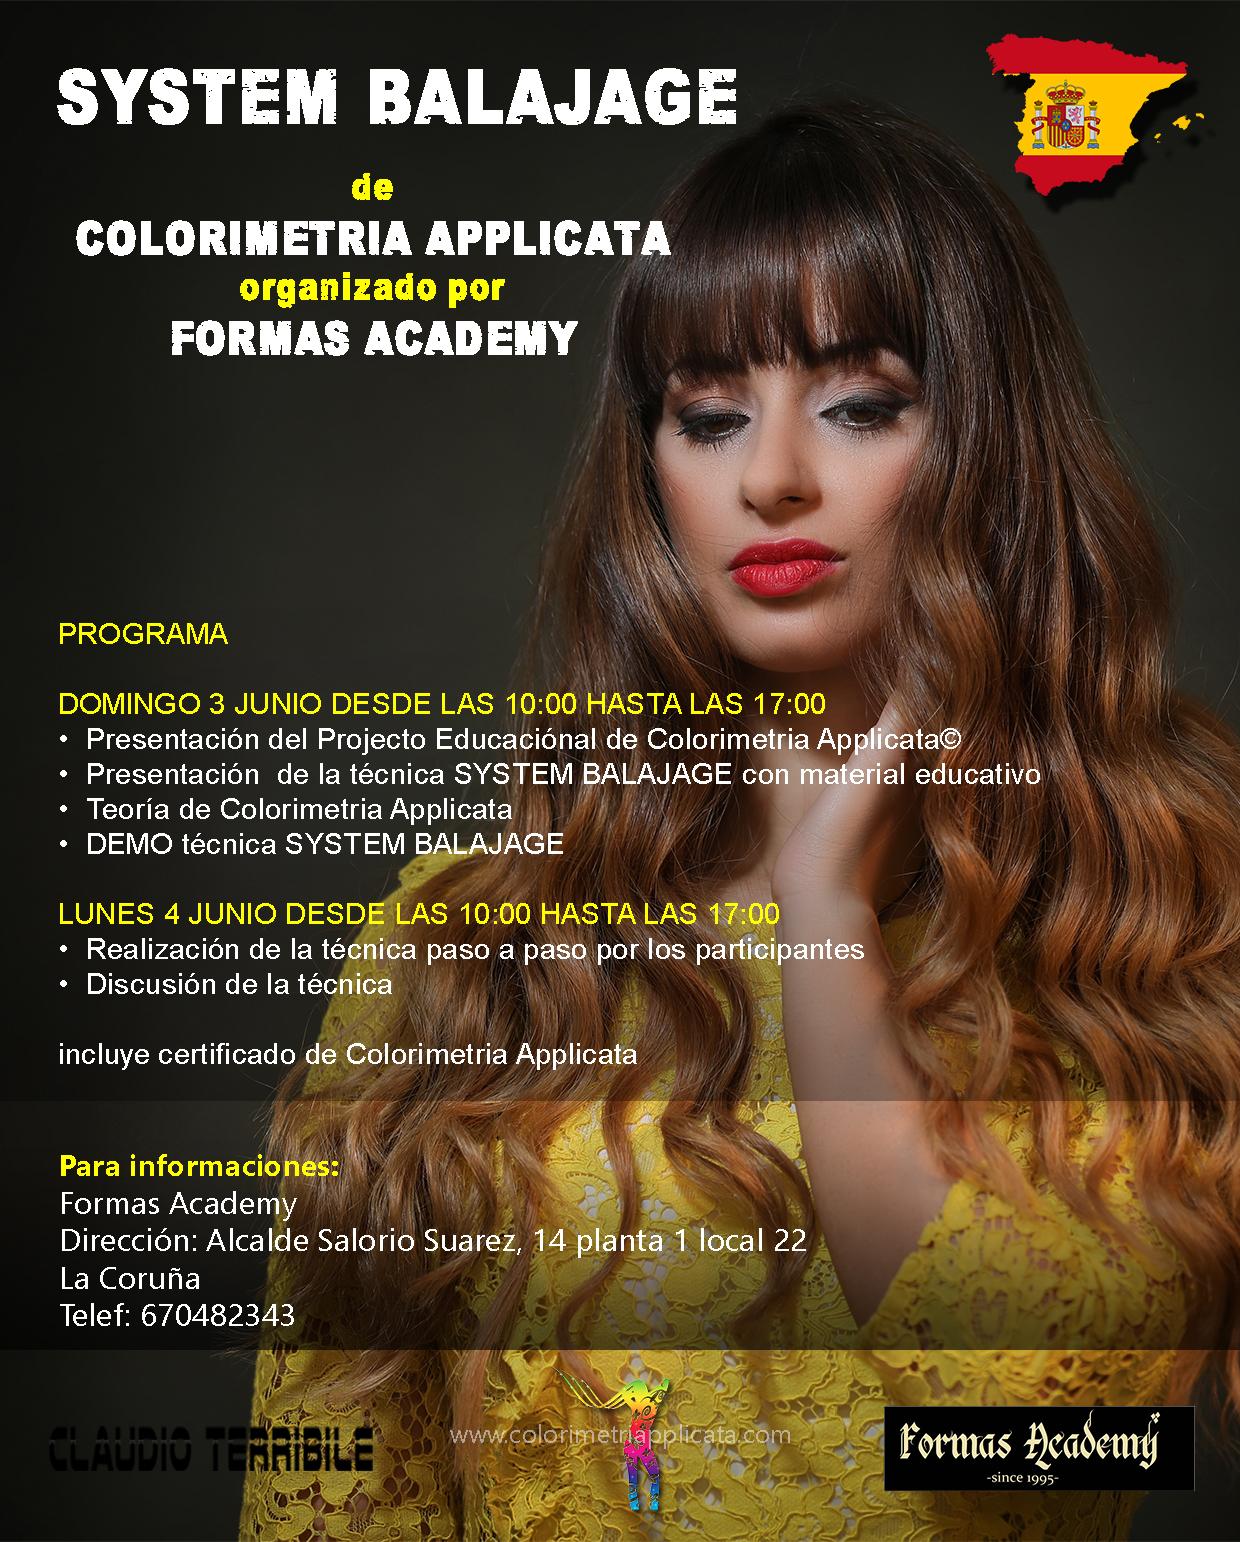 Claudio Terribile Haircolorist y el SYSTEM BALAYAJE en La Coruña el 3/4 de Junio